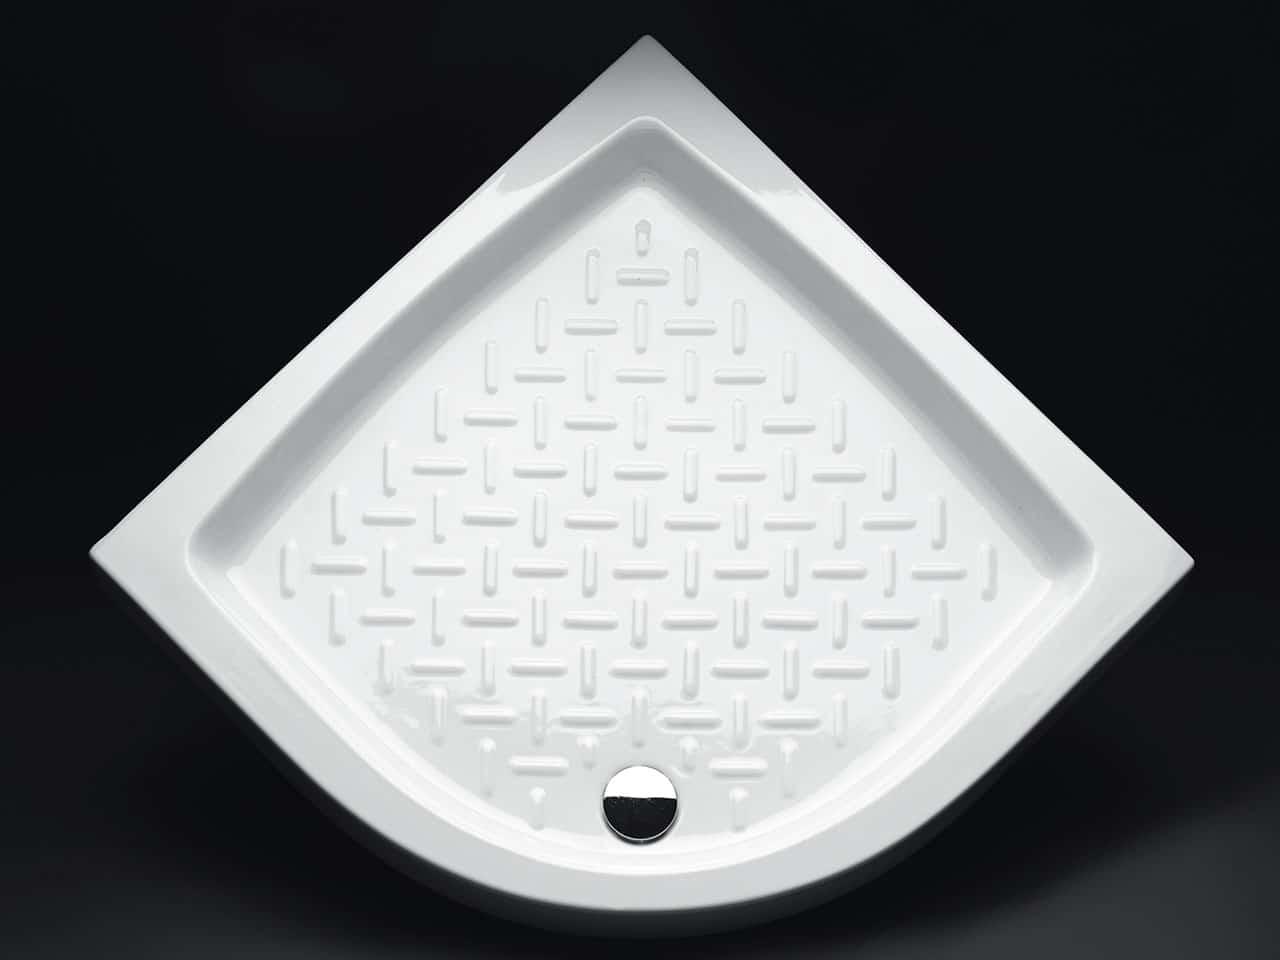 Piatto doccia angolare ideale per salvaguardare lo spazio - Cambiare piatto doccia ...